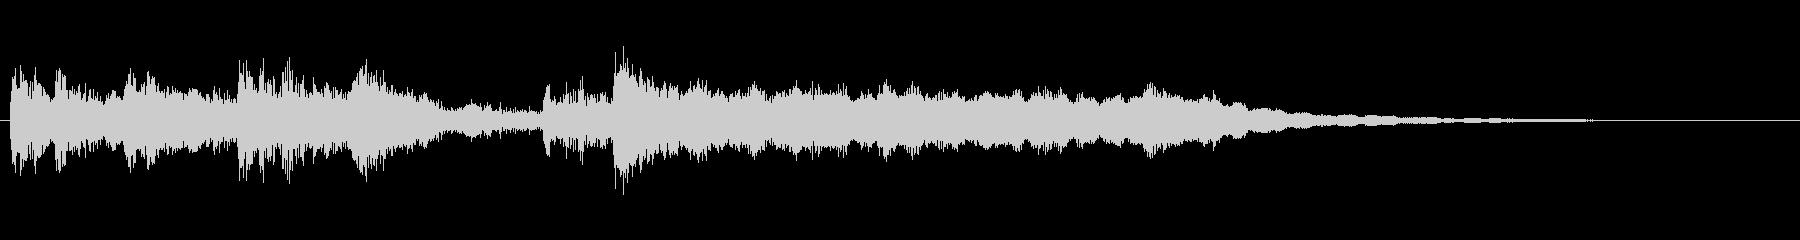 高音質♪和琴笛ジングル・アイキャッチの未再生の波形